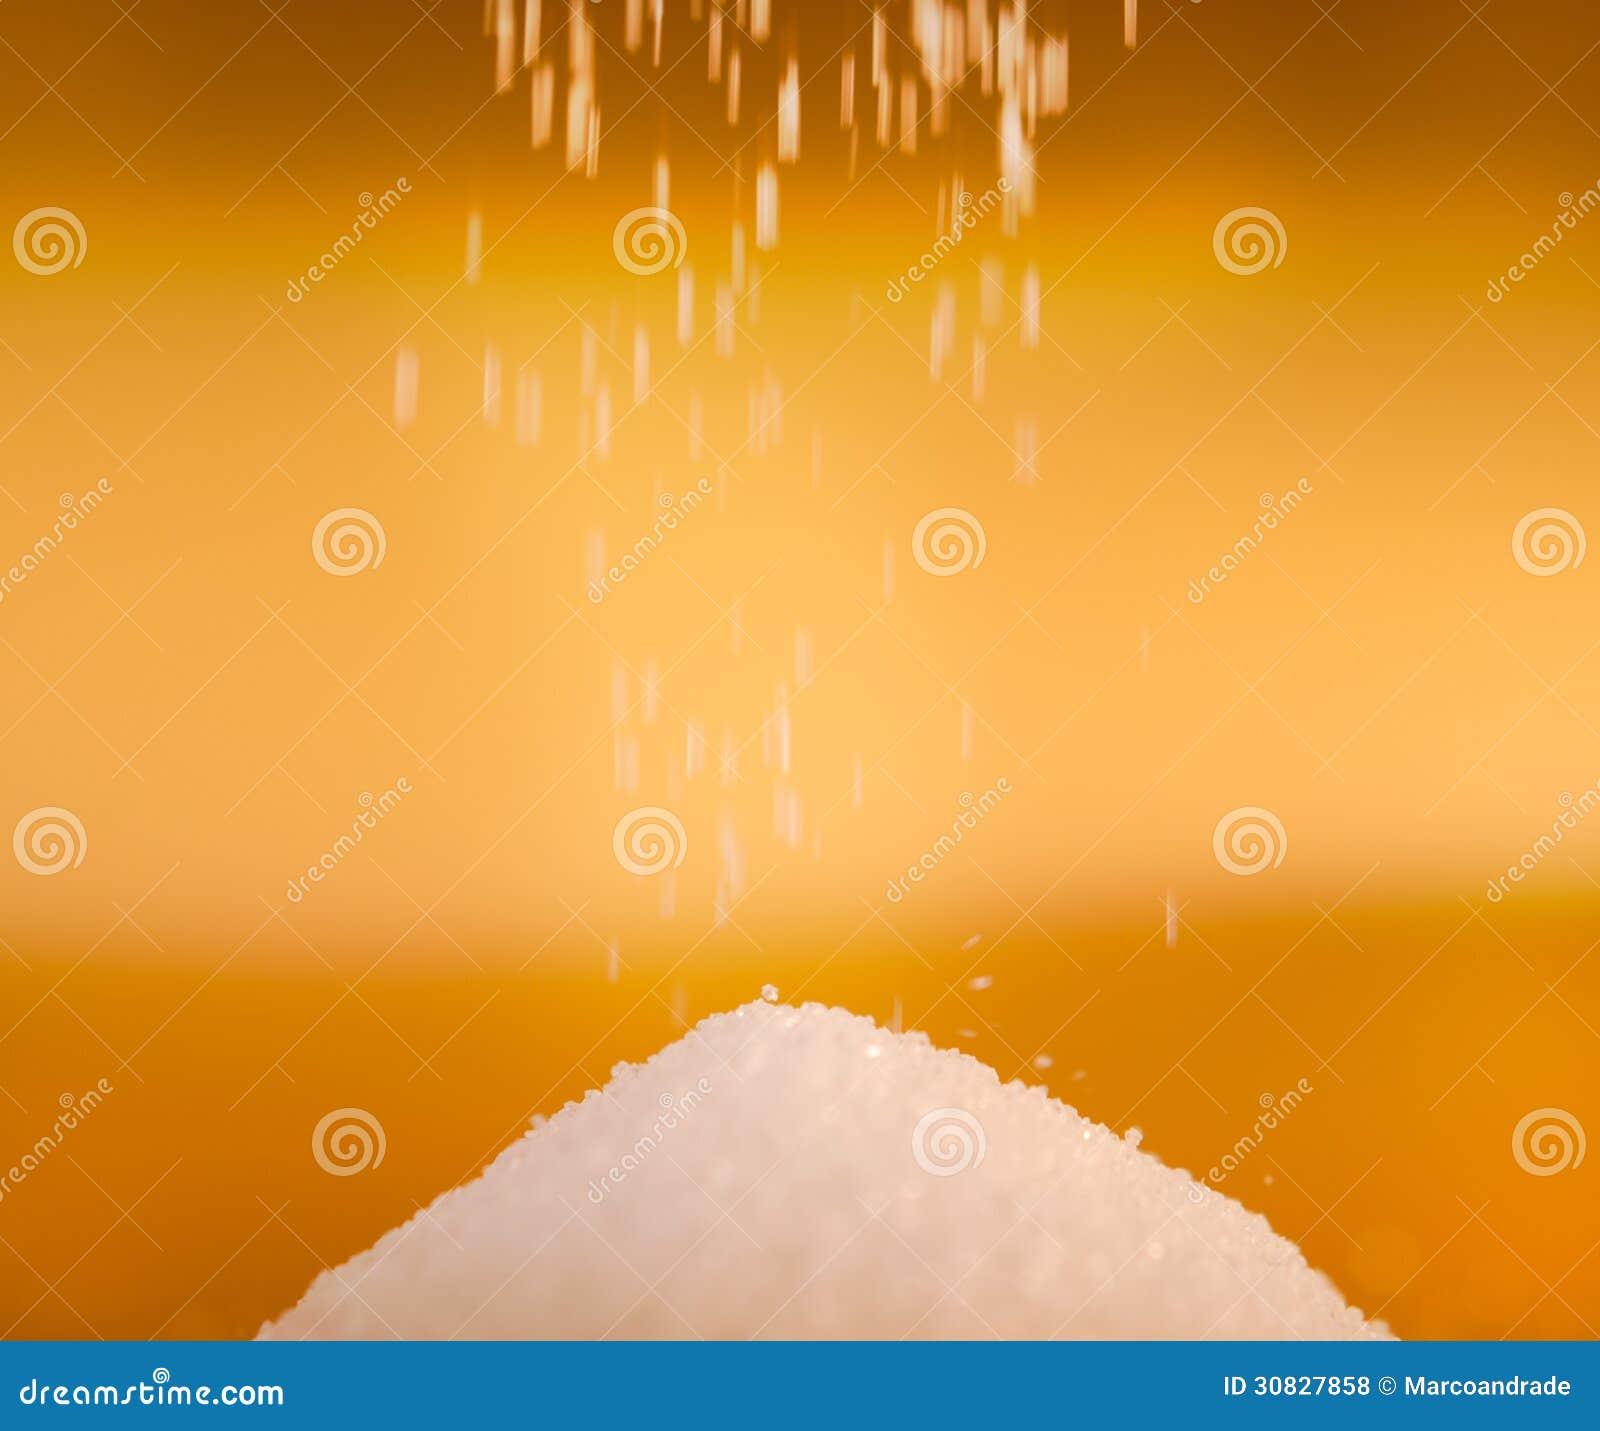 Zucchero che cade per accatastare